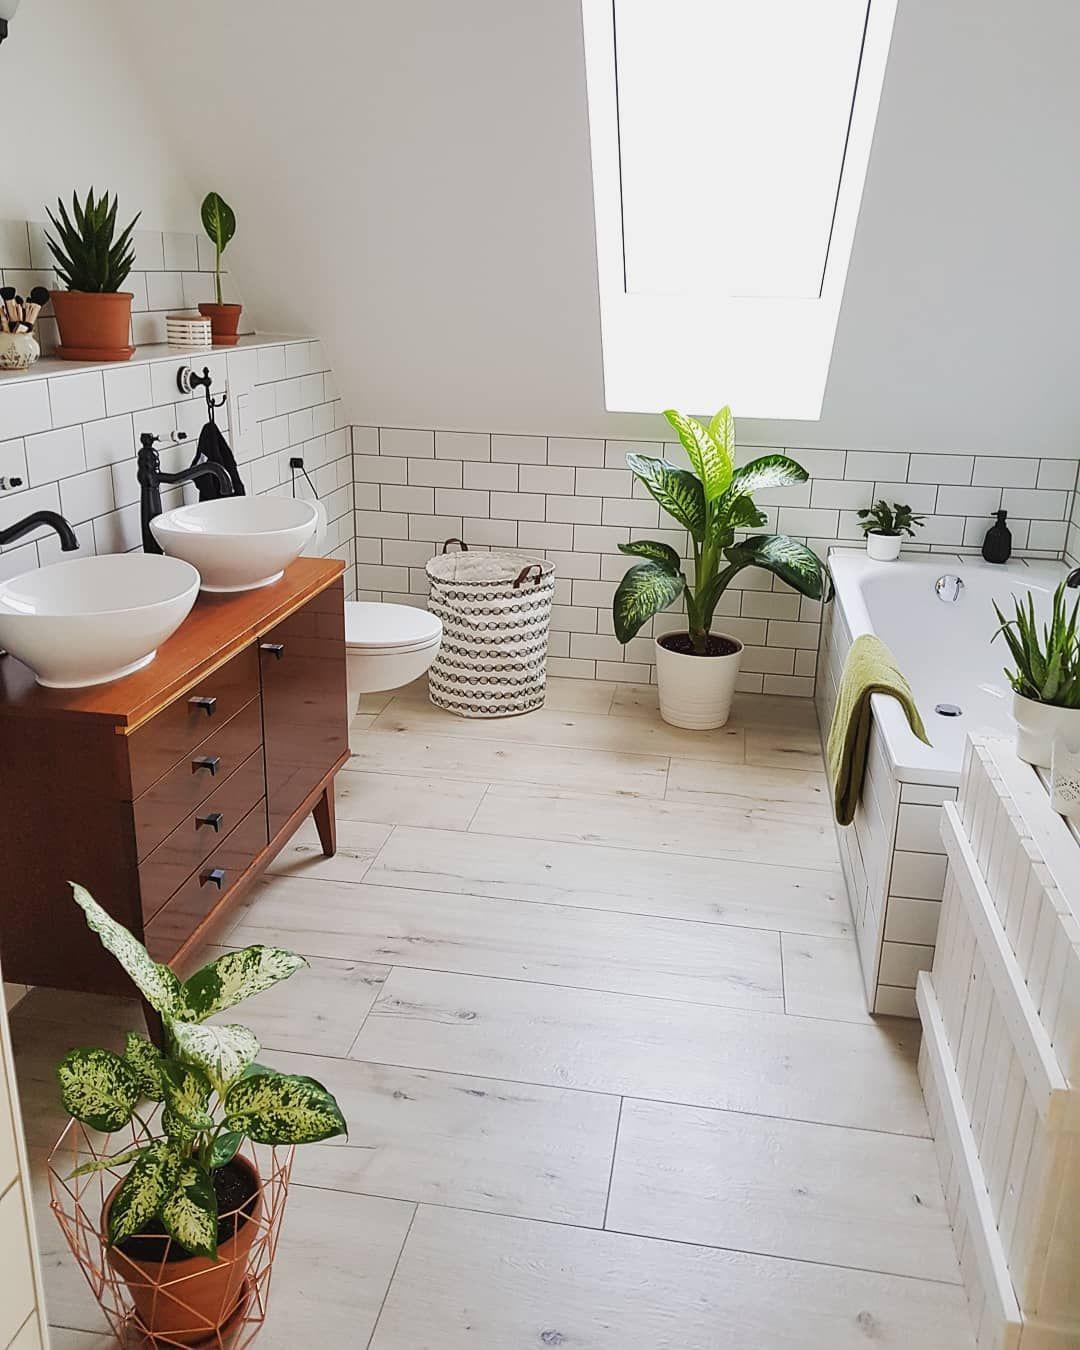 Wildboholife Lifestyleblog On Instagram Es Ist Sooo Schon Endlich Ein Bad Zu Haben Wie Man Es Immer Gerne W Mit Bildern Schrank Selber Bauen Waschtisch Badezimmerideen